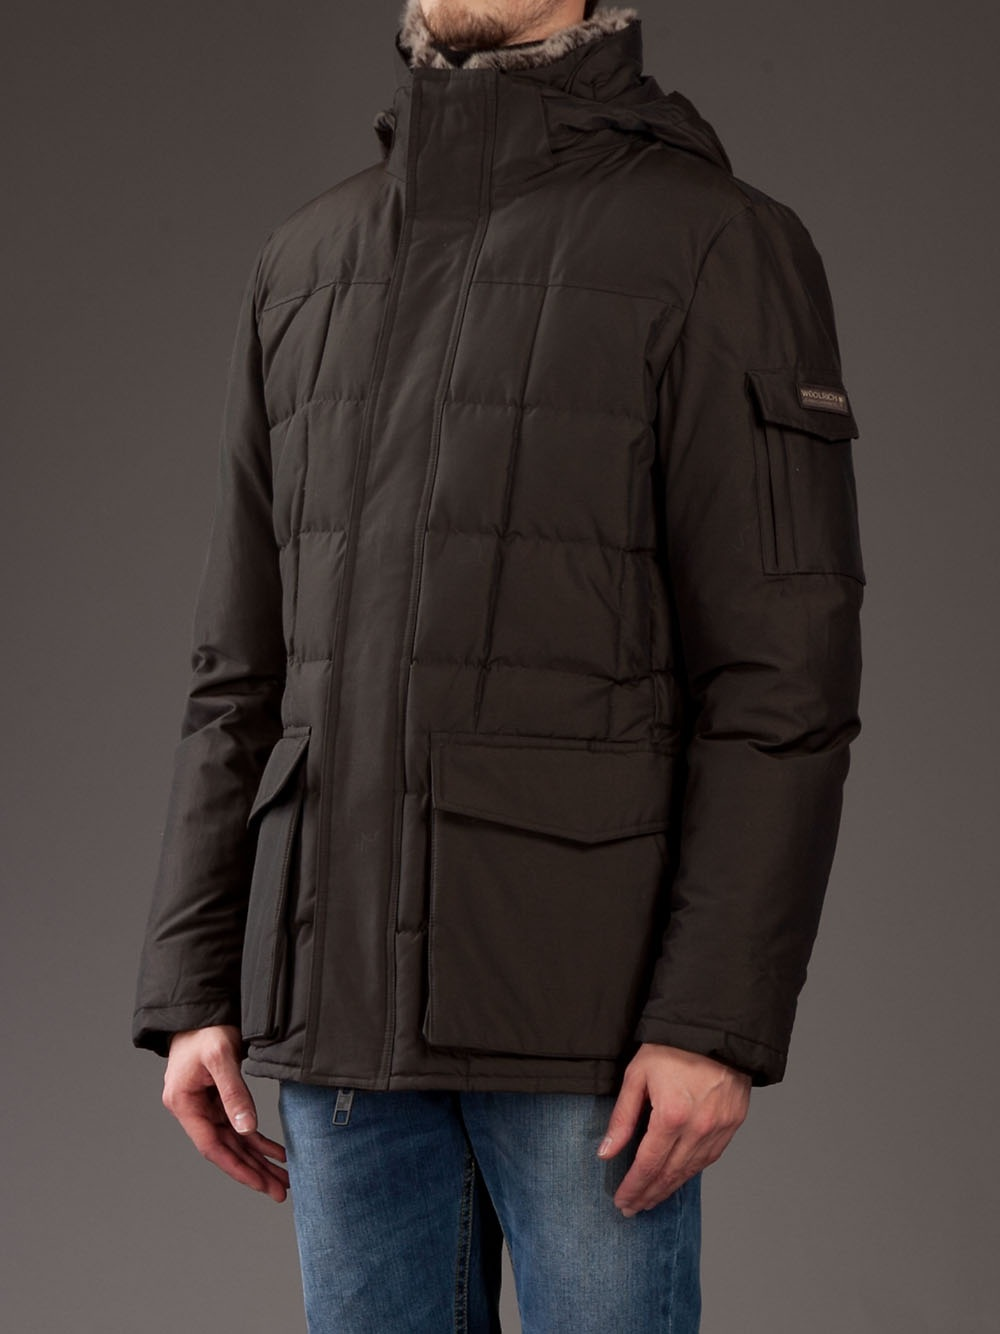 Lyst Woolrich Blizzard Coat In Brown For Men